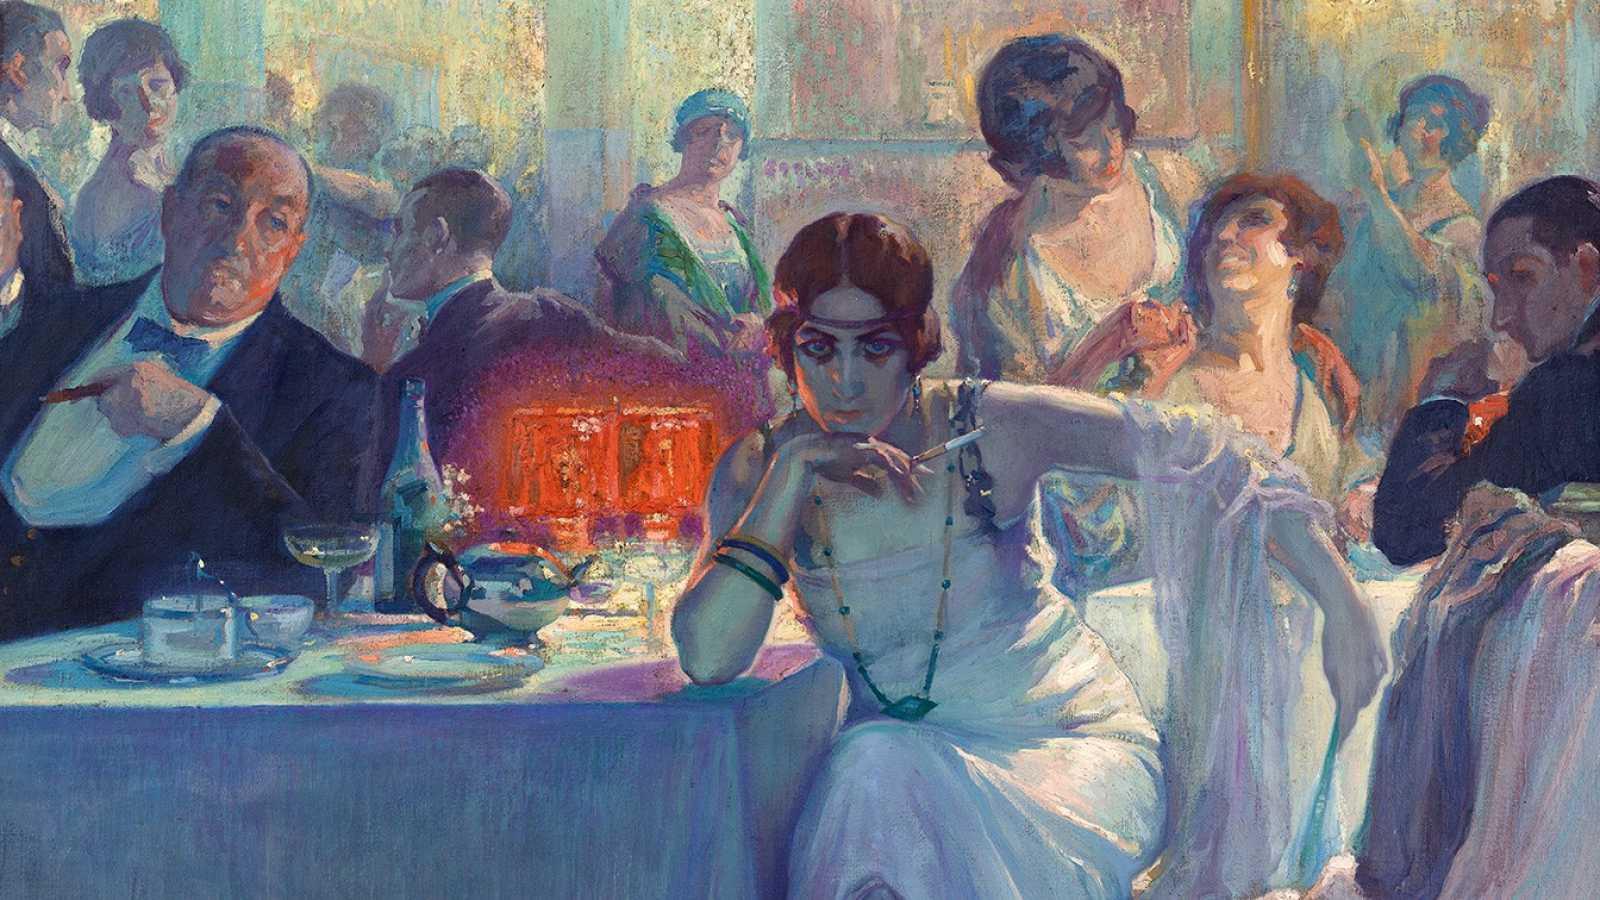 El ojo crítico - 'Invitadas' al Museo del Prado - 05/10/20 - escuchar  ahora